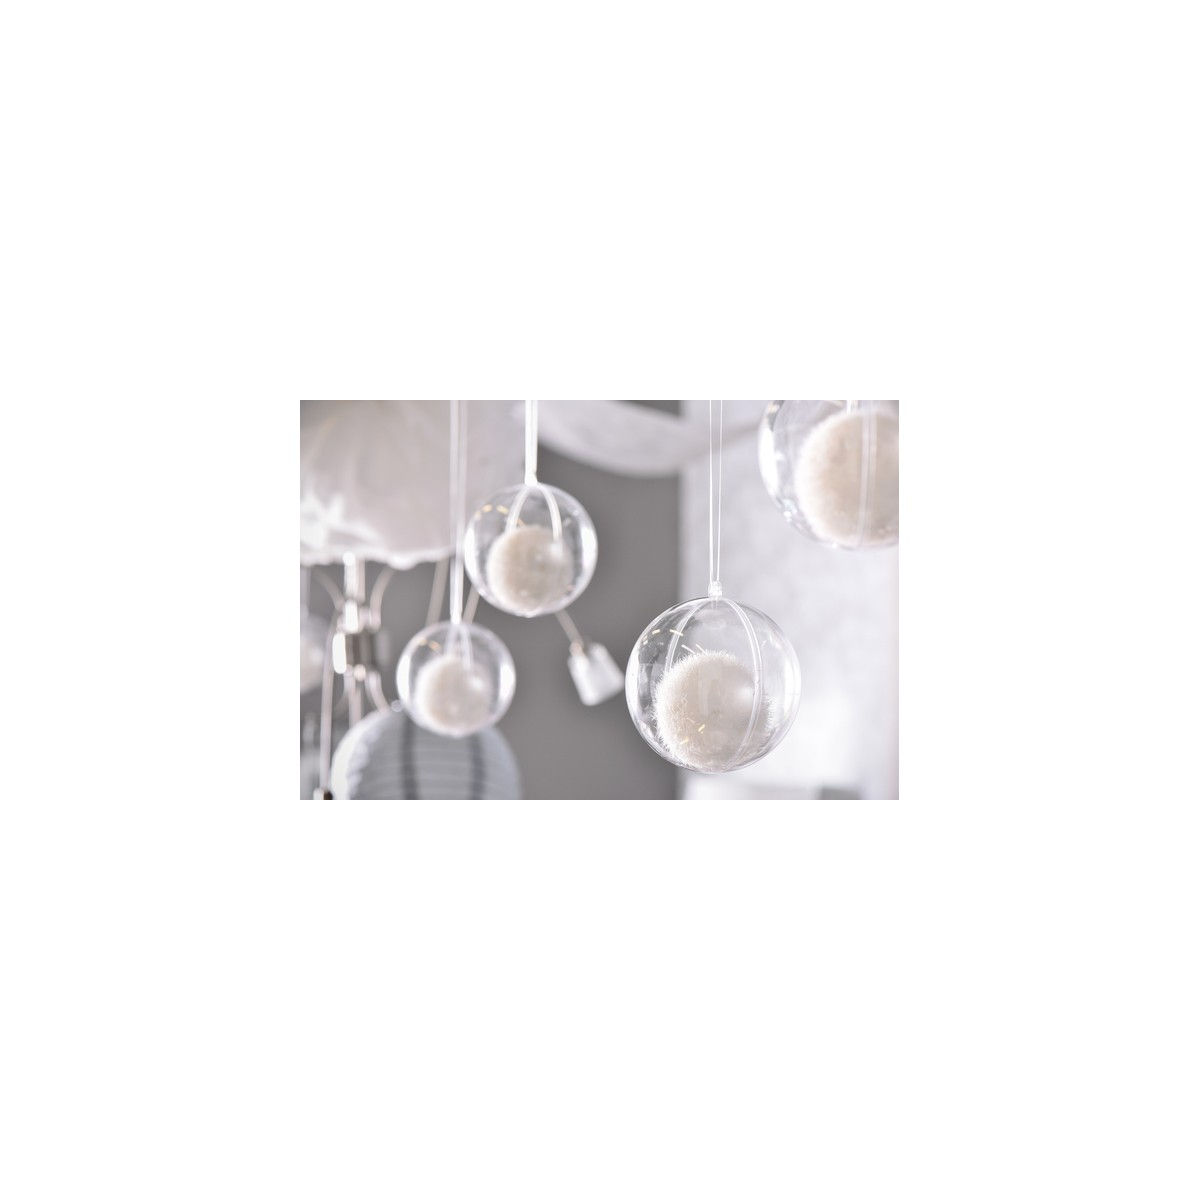 5 x Boule Transparente 10 cm